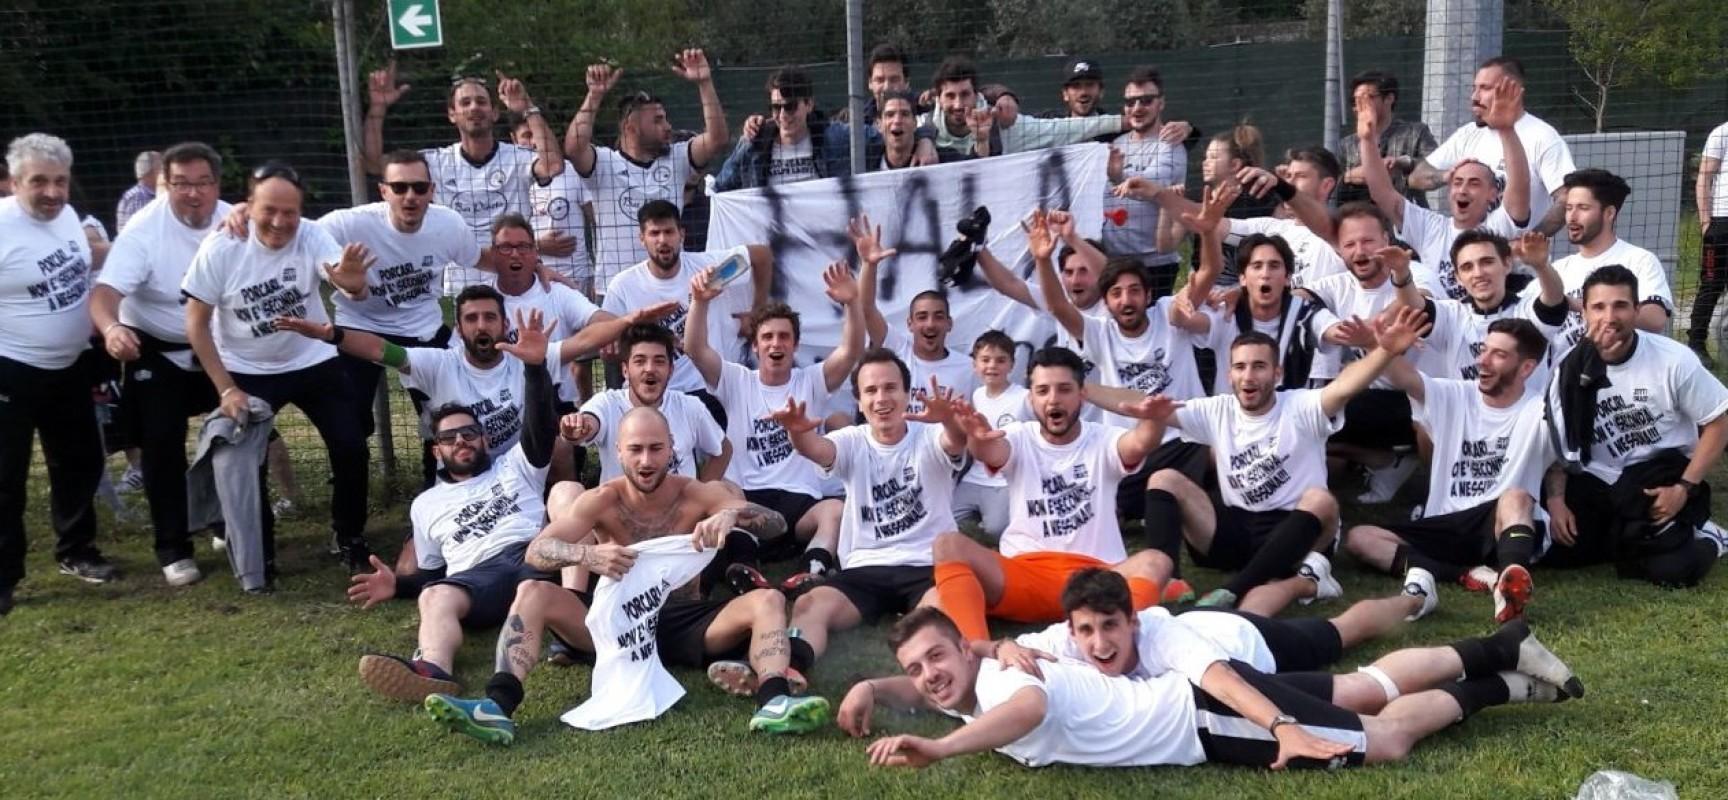 L'Academy Porcari punta a fare bene anche in seconda categoria e conferma Fabrizio Salvadori sulla panchina e Andrea Monaci ds